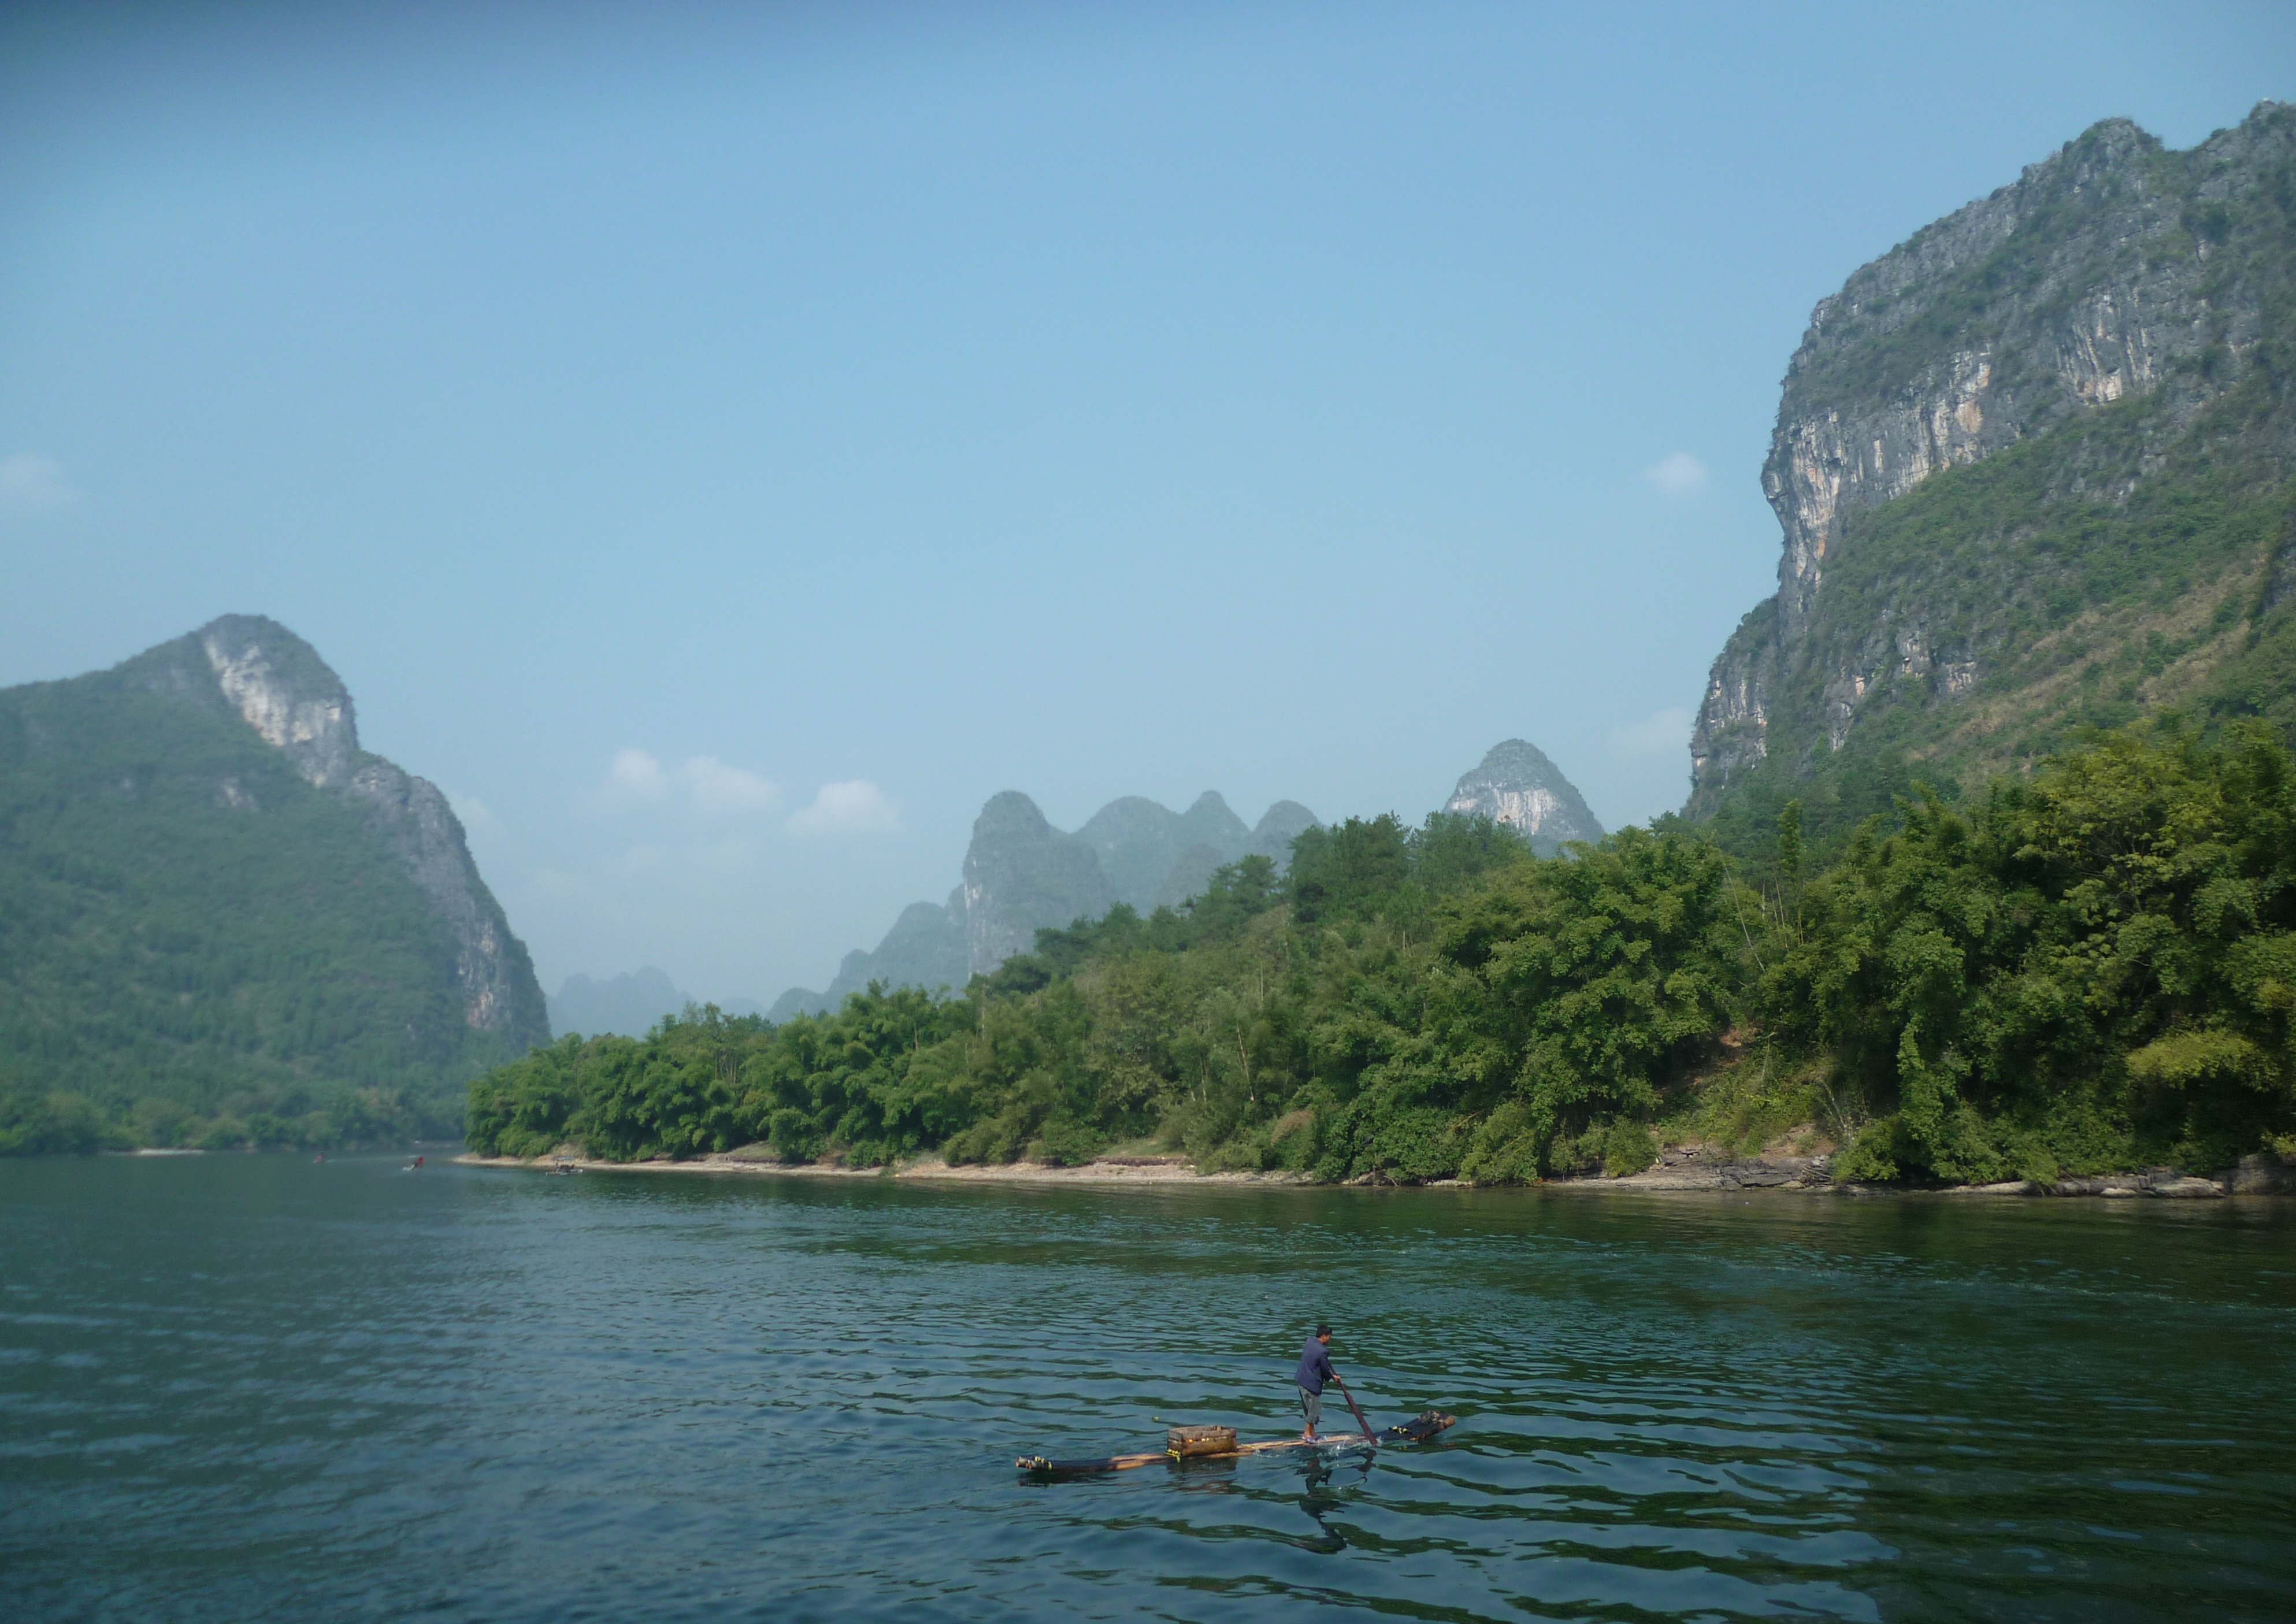 riviere yangshuo